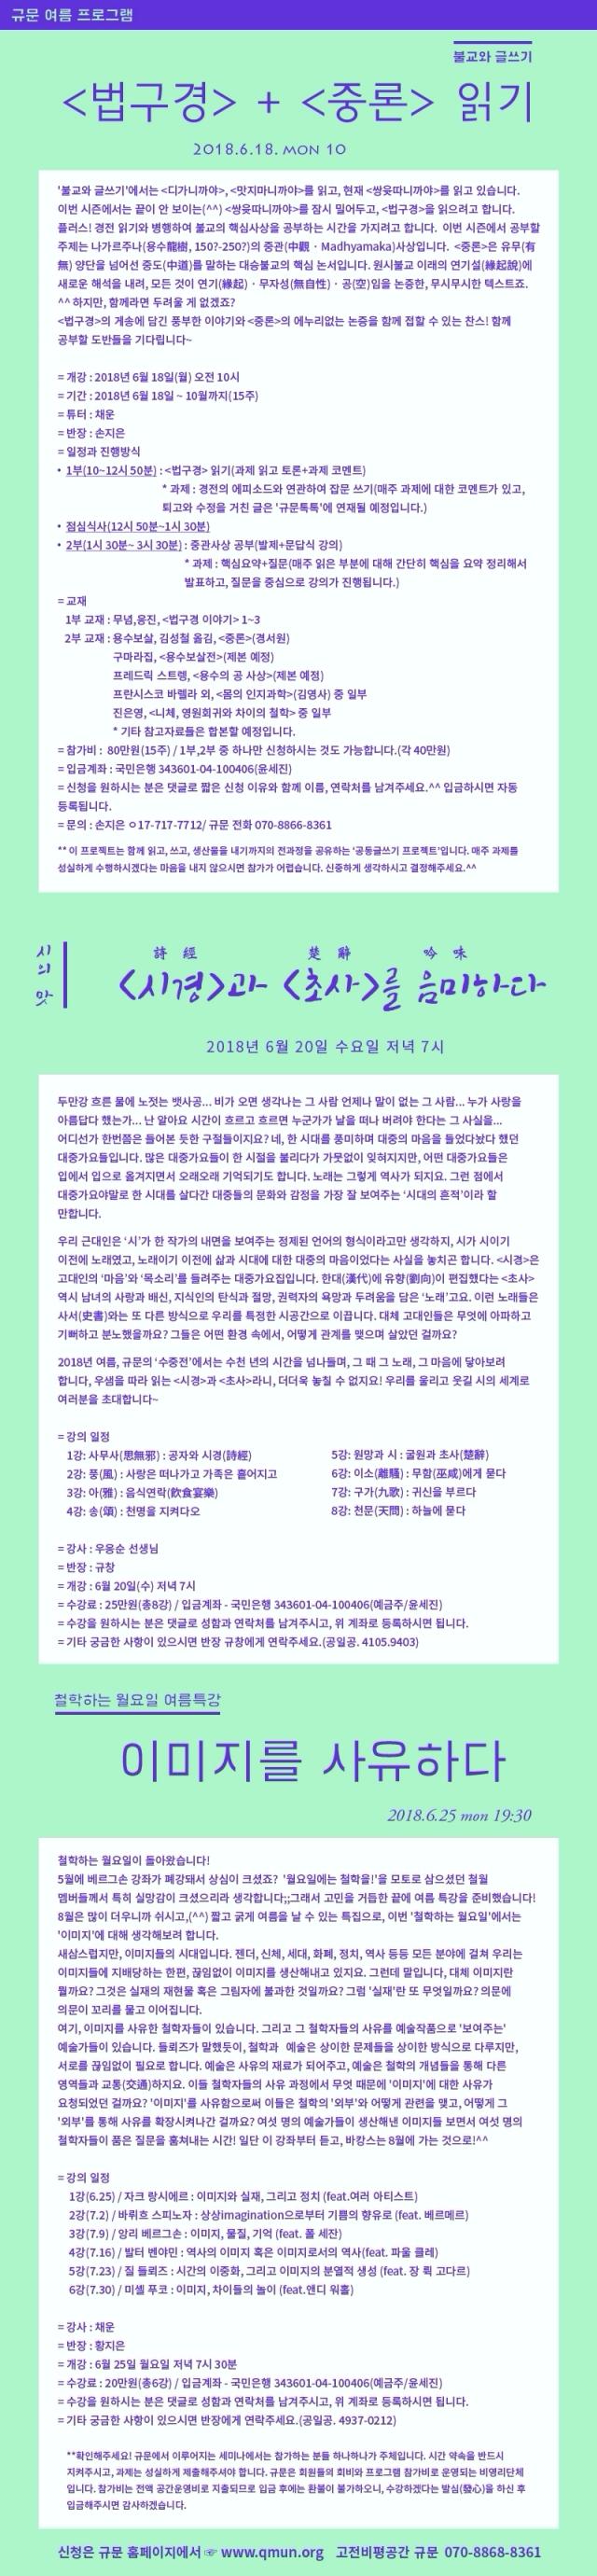 2018규문 여름프로그램(감이당용).jpg